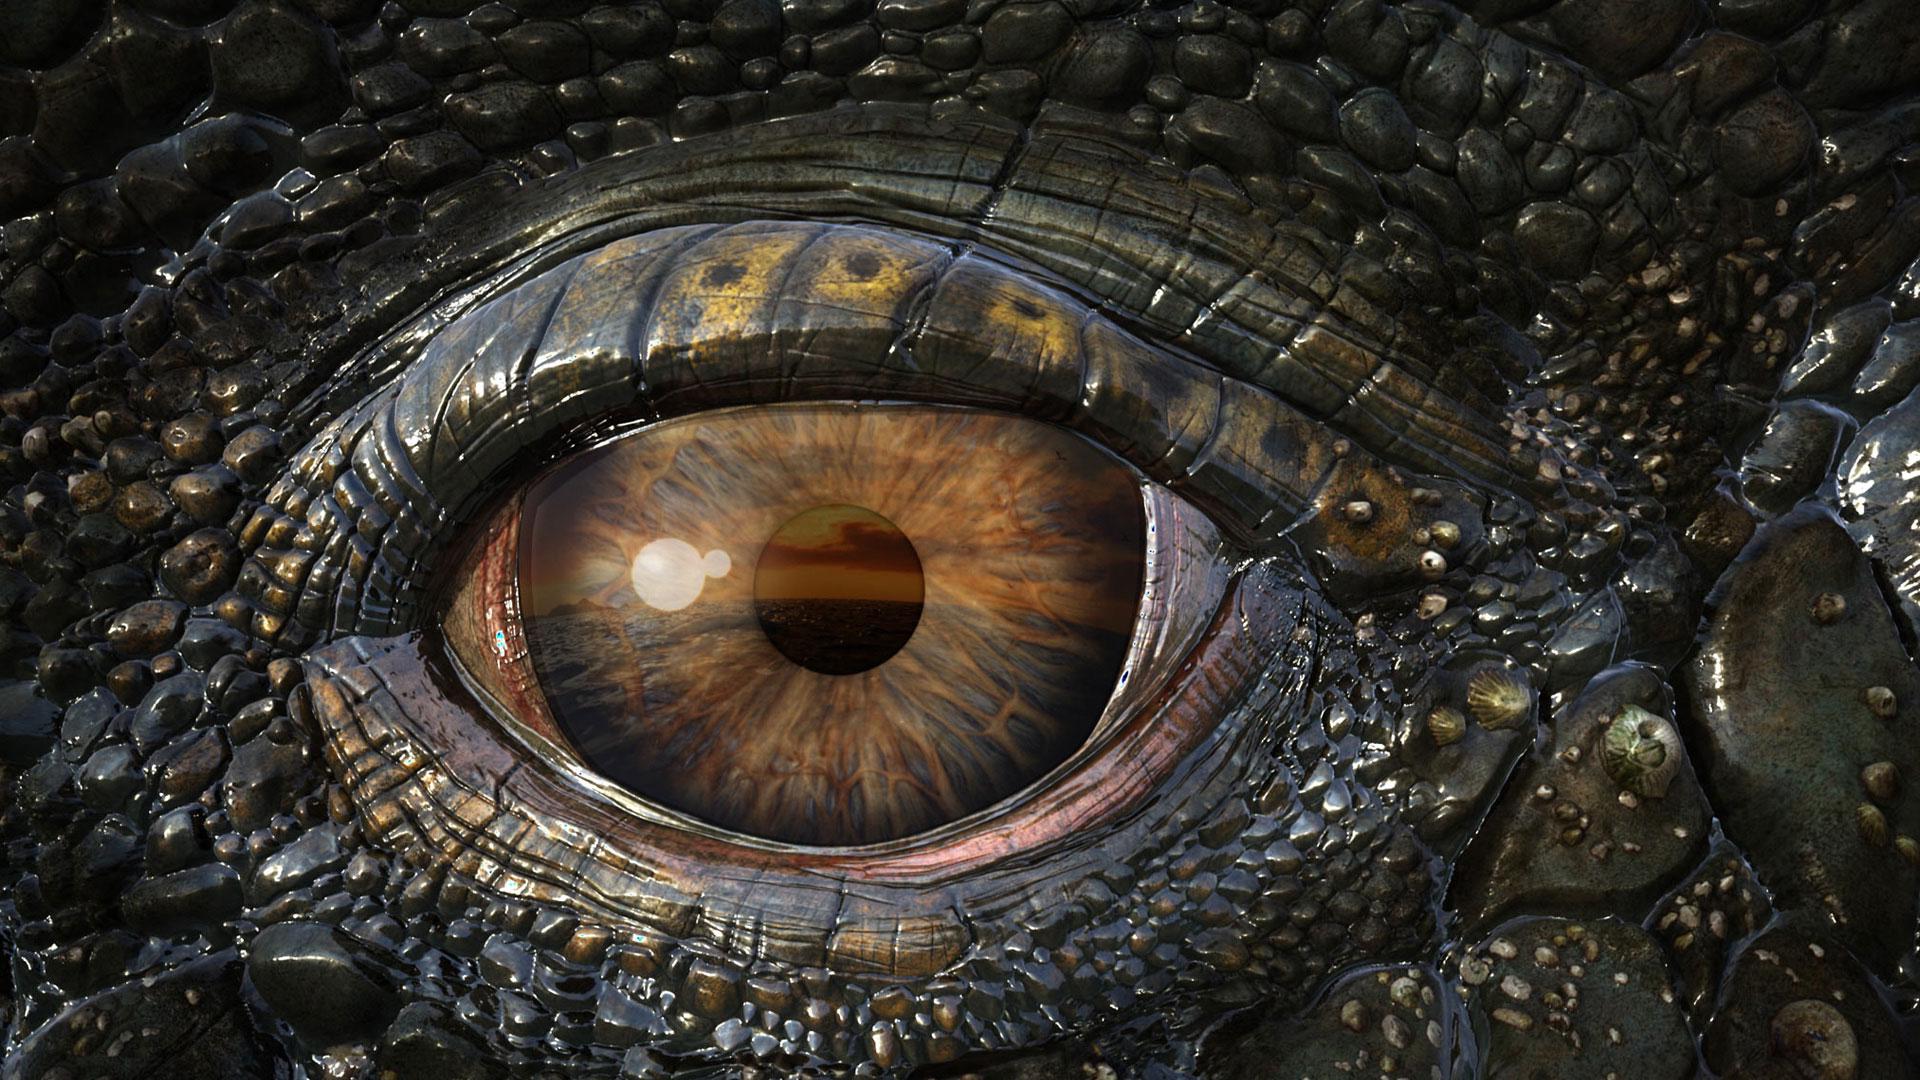 Картинки по запросу ГЛАЗА крокодила